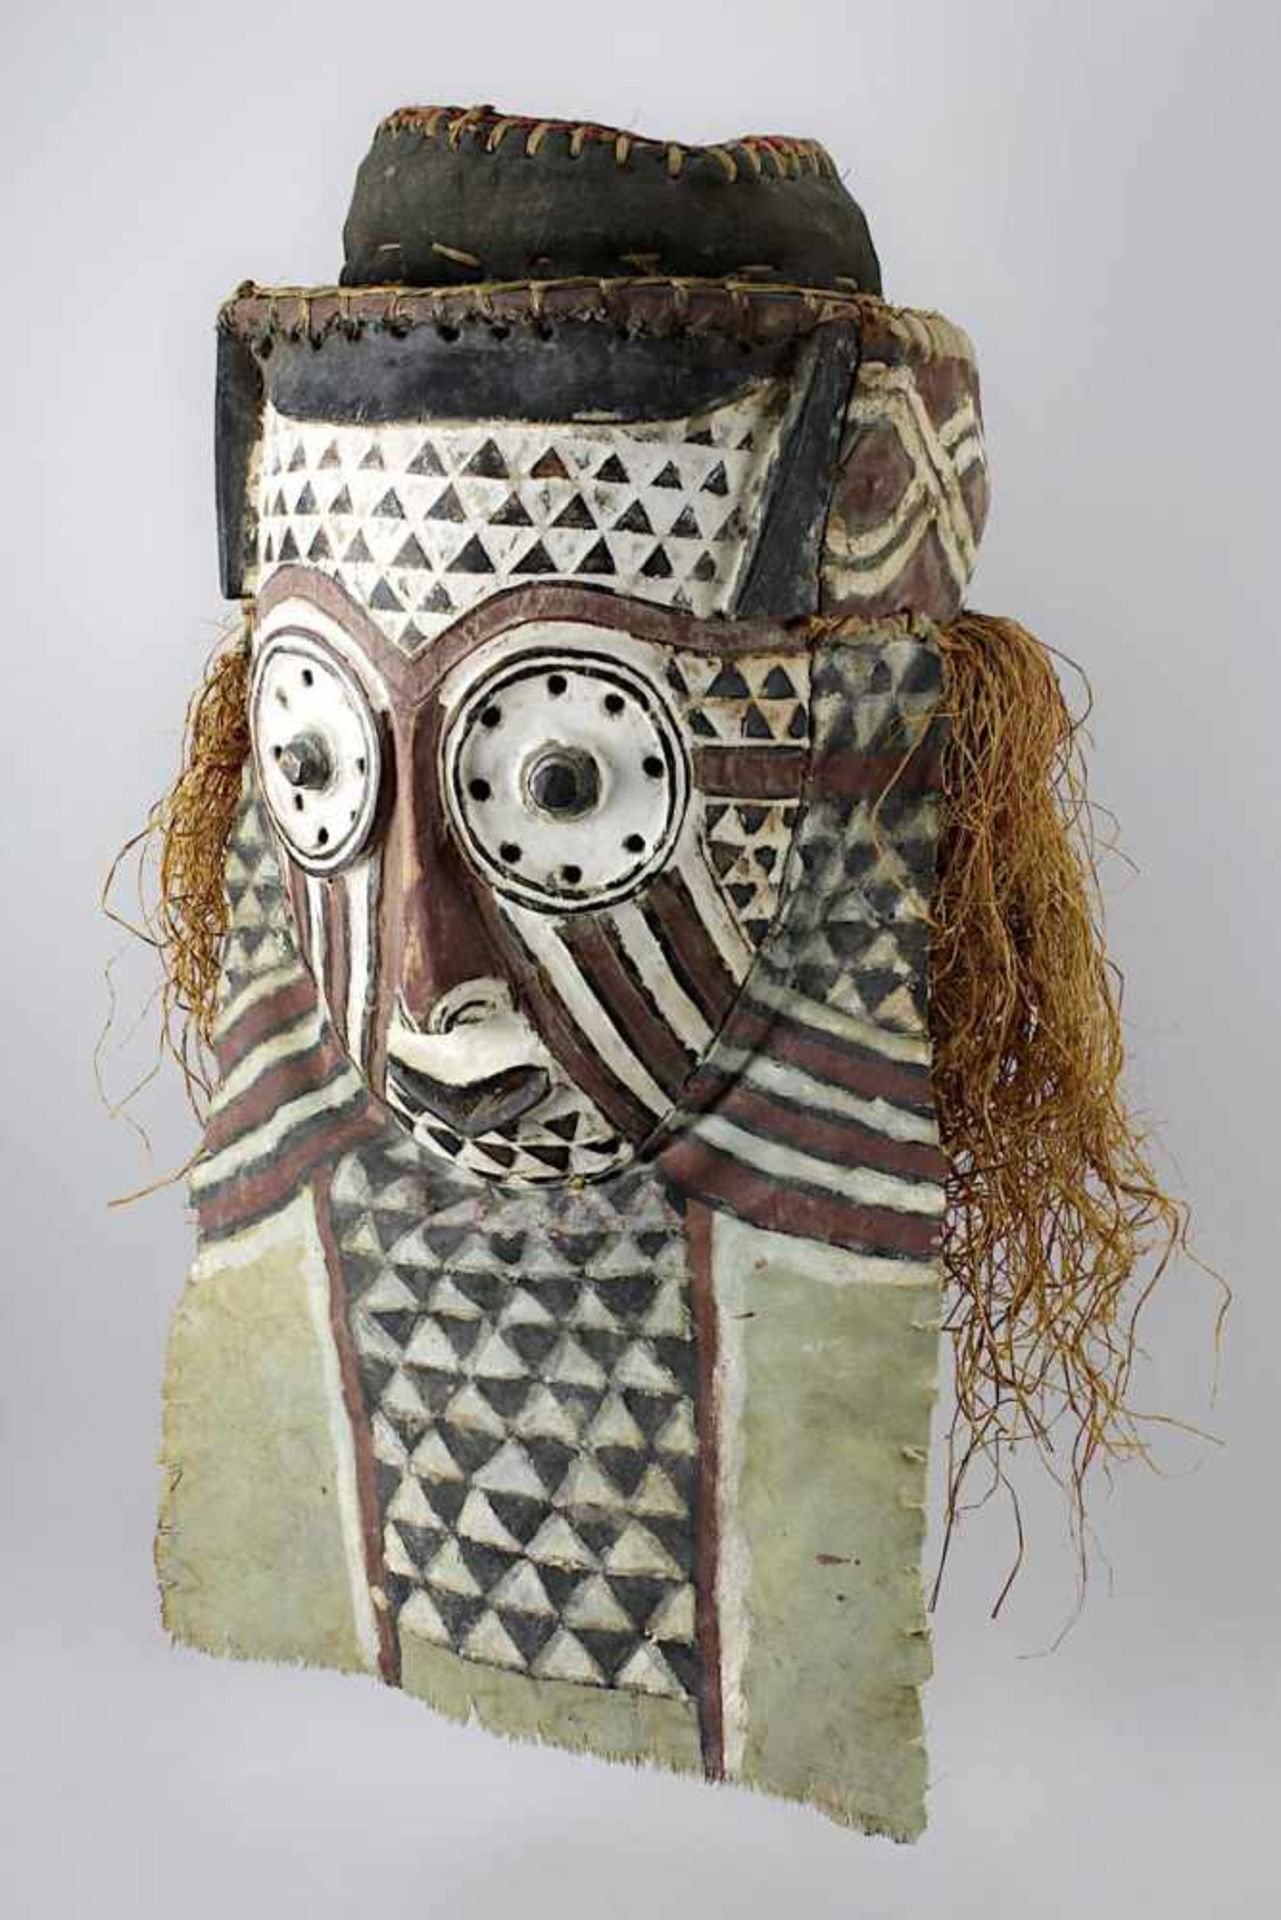 Los 520001 - Maske der Kuba, D. R. Kongo, Holz geschnitzt, anthropomorphes Gesicht mit großen Augen, jeweils...